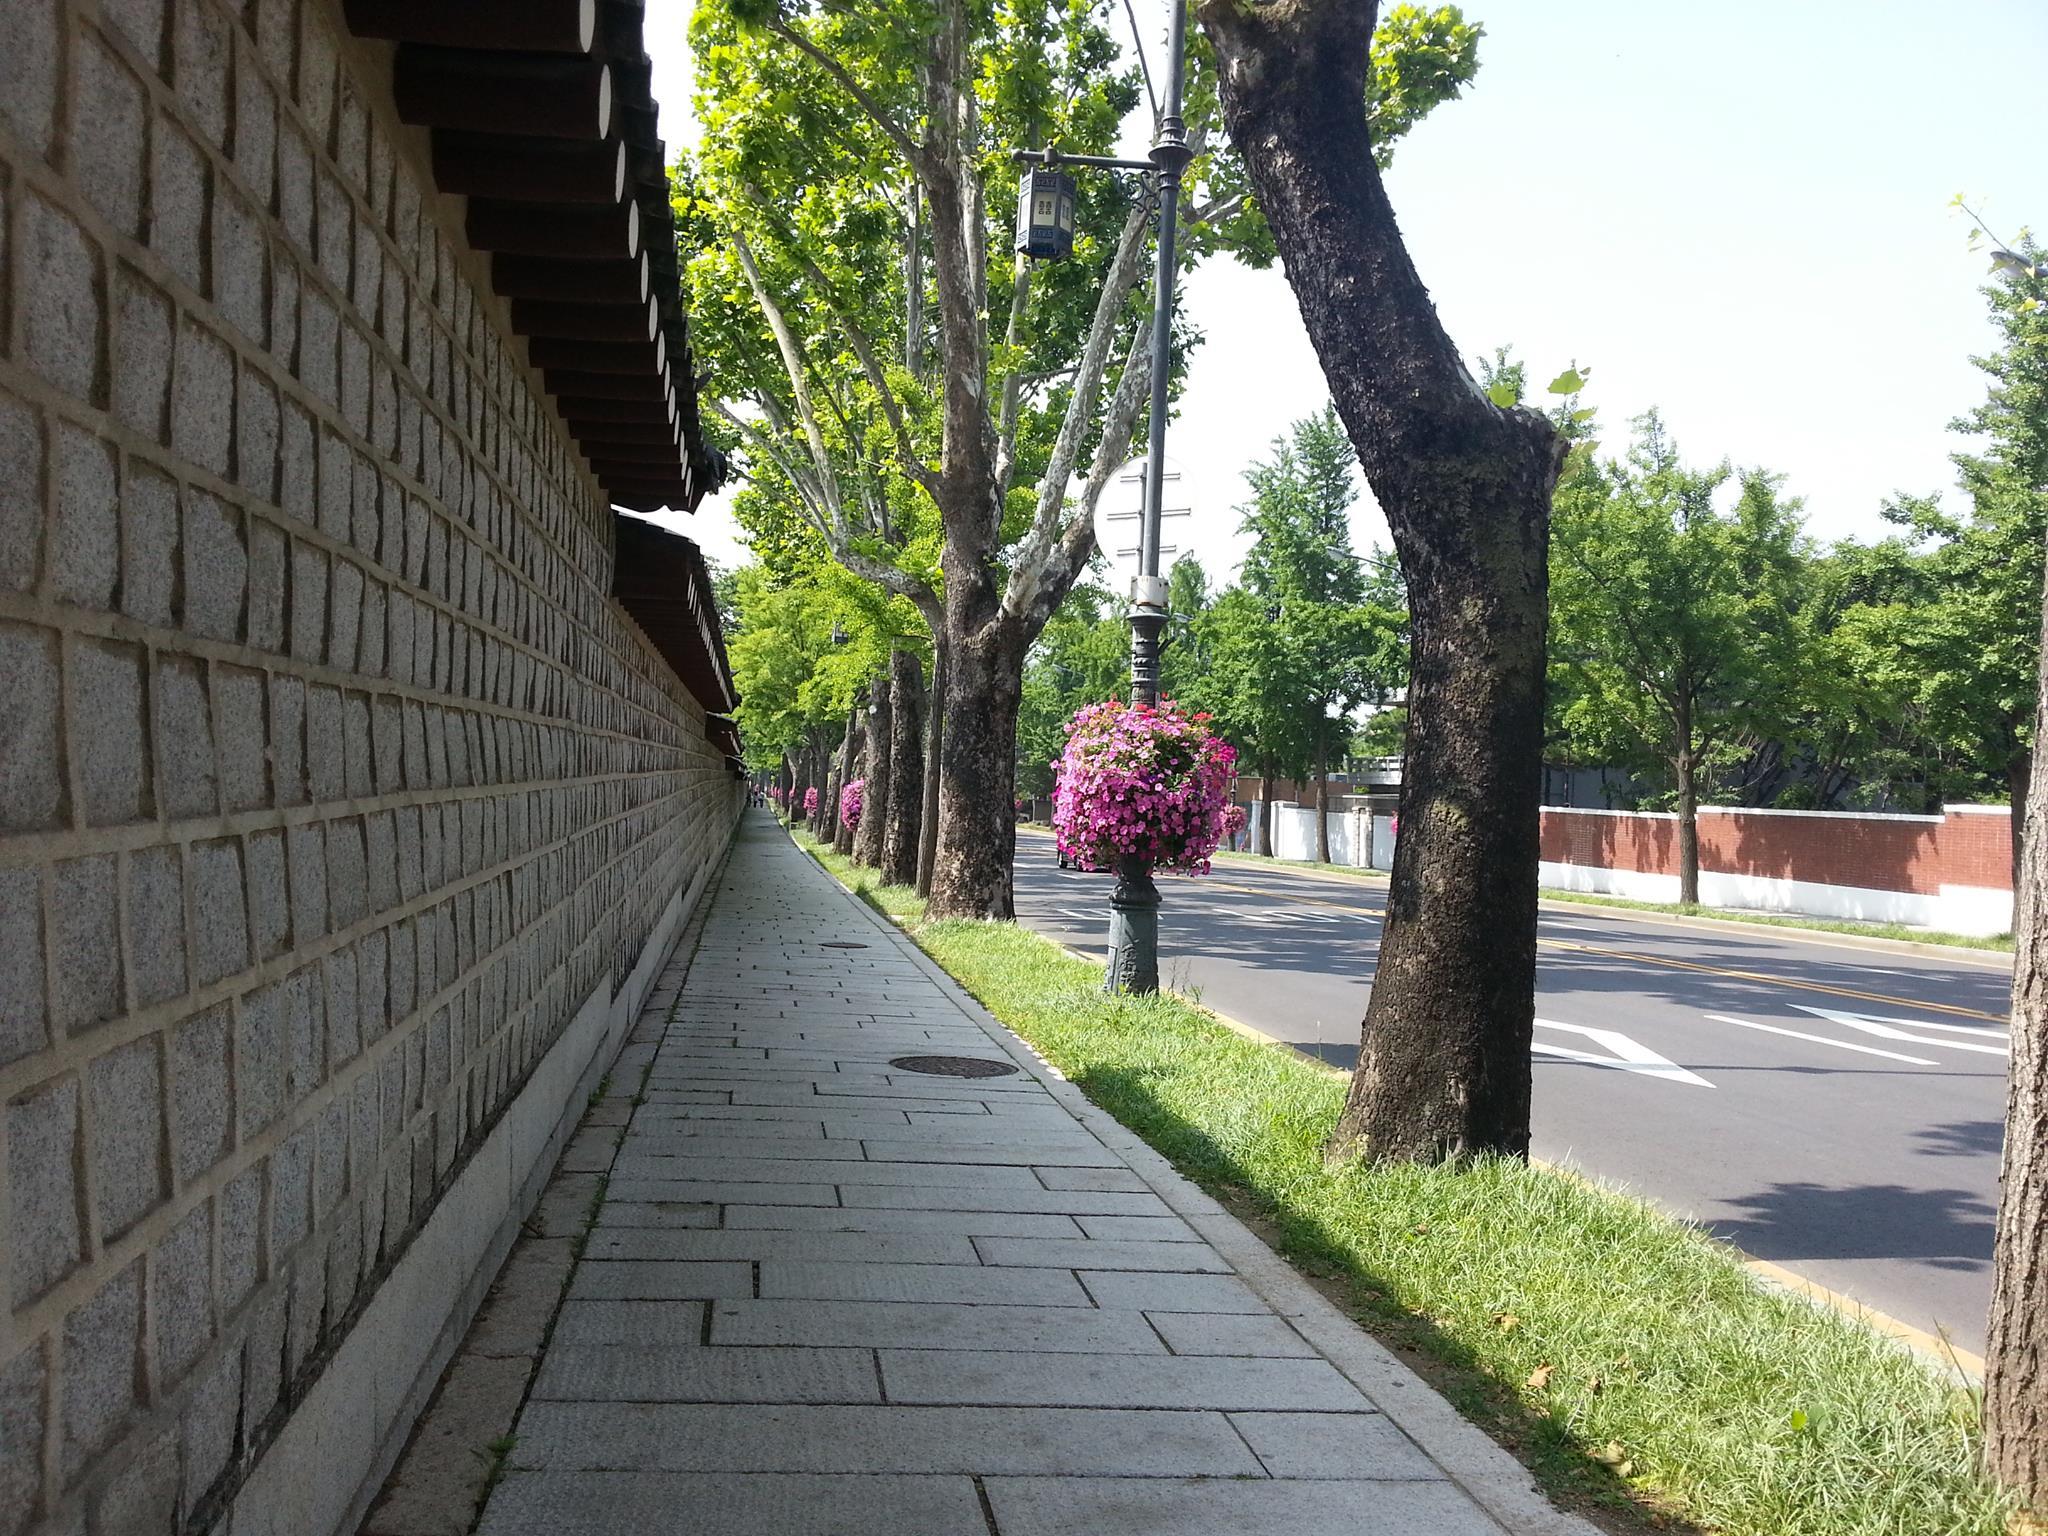 青瓦台(チョンワデ)の前の道を通る